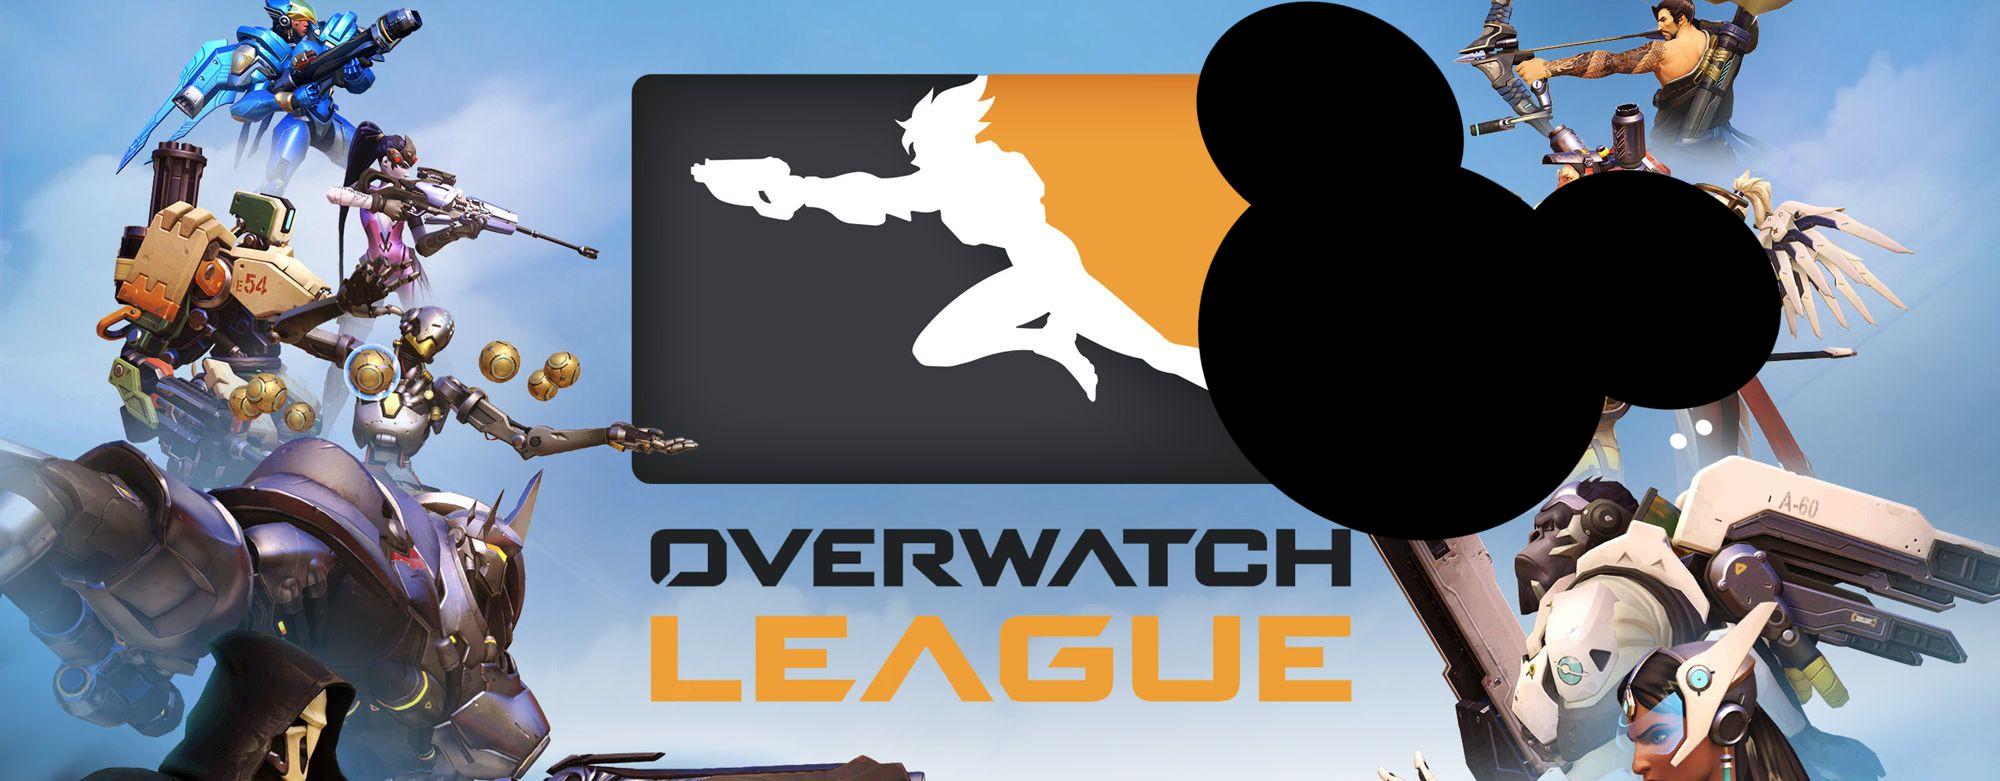 Overwatch League ins Haupt-TV-Programm: Blizzard und Disney machen Deal